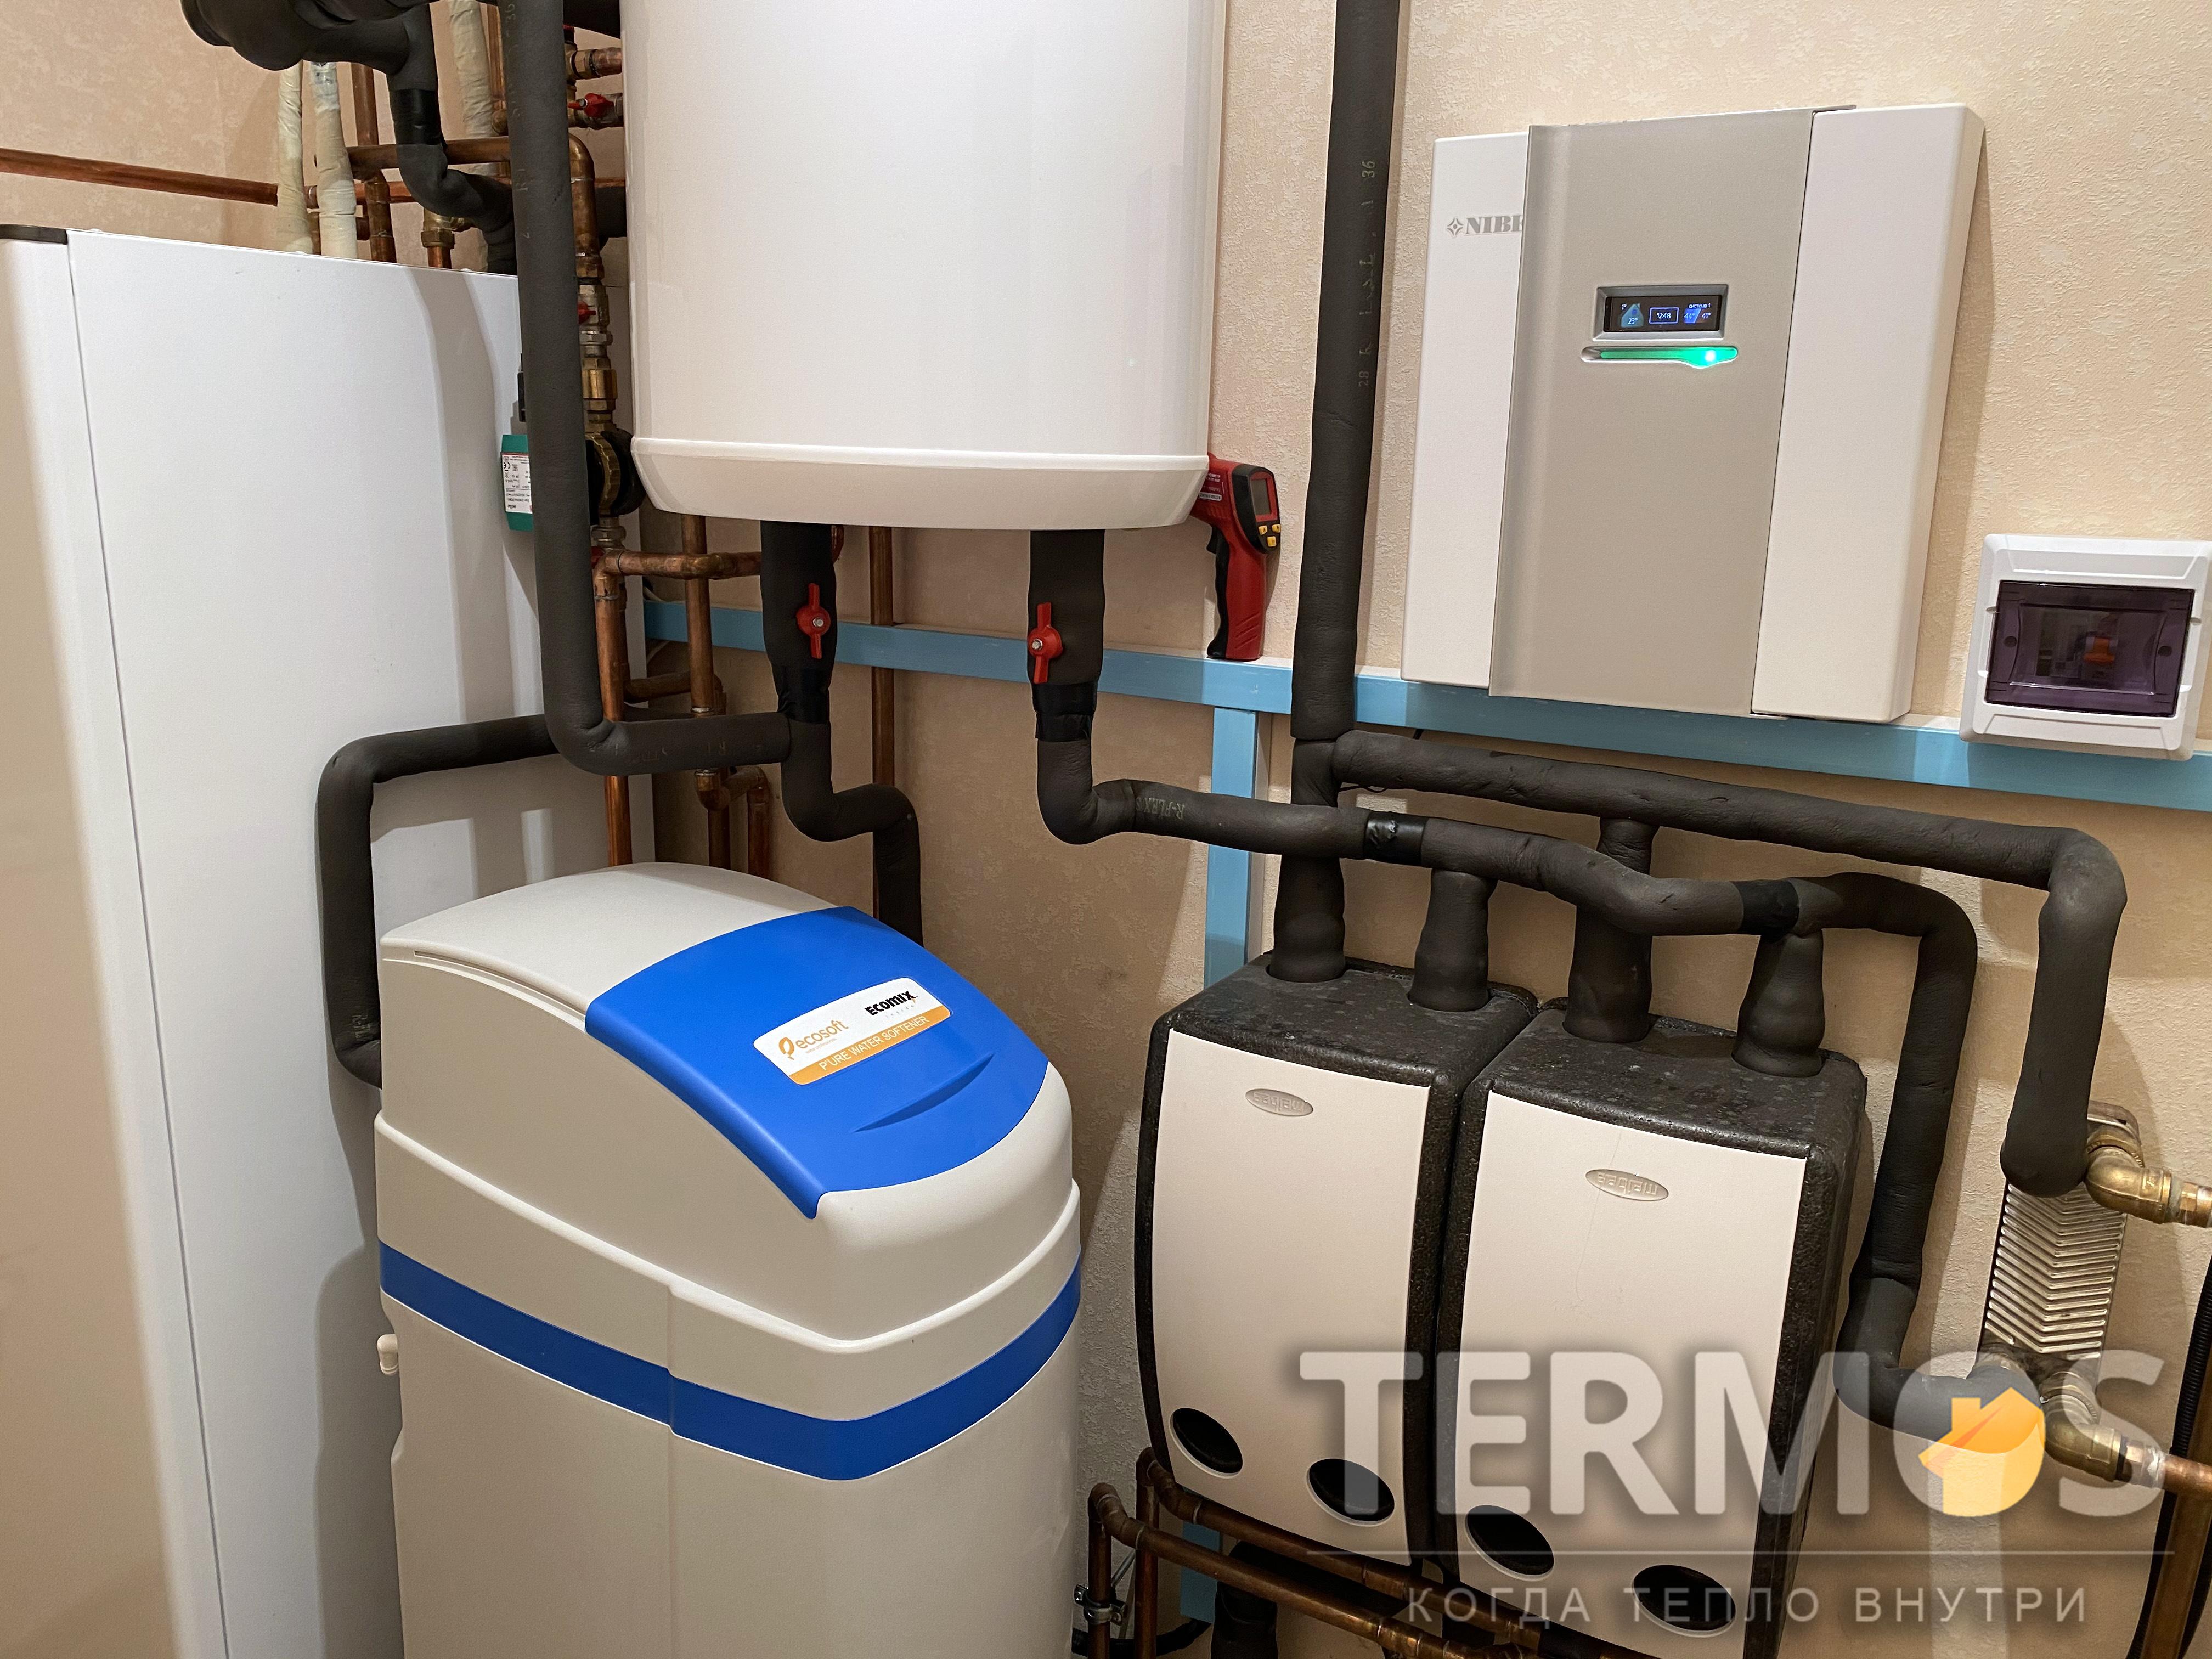 Функции: отопление квартиры радиаторами, теплым полом, охлаждение летом фанкойлами, приготовление горячей воды, управление системой через интернет